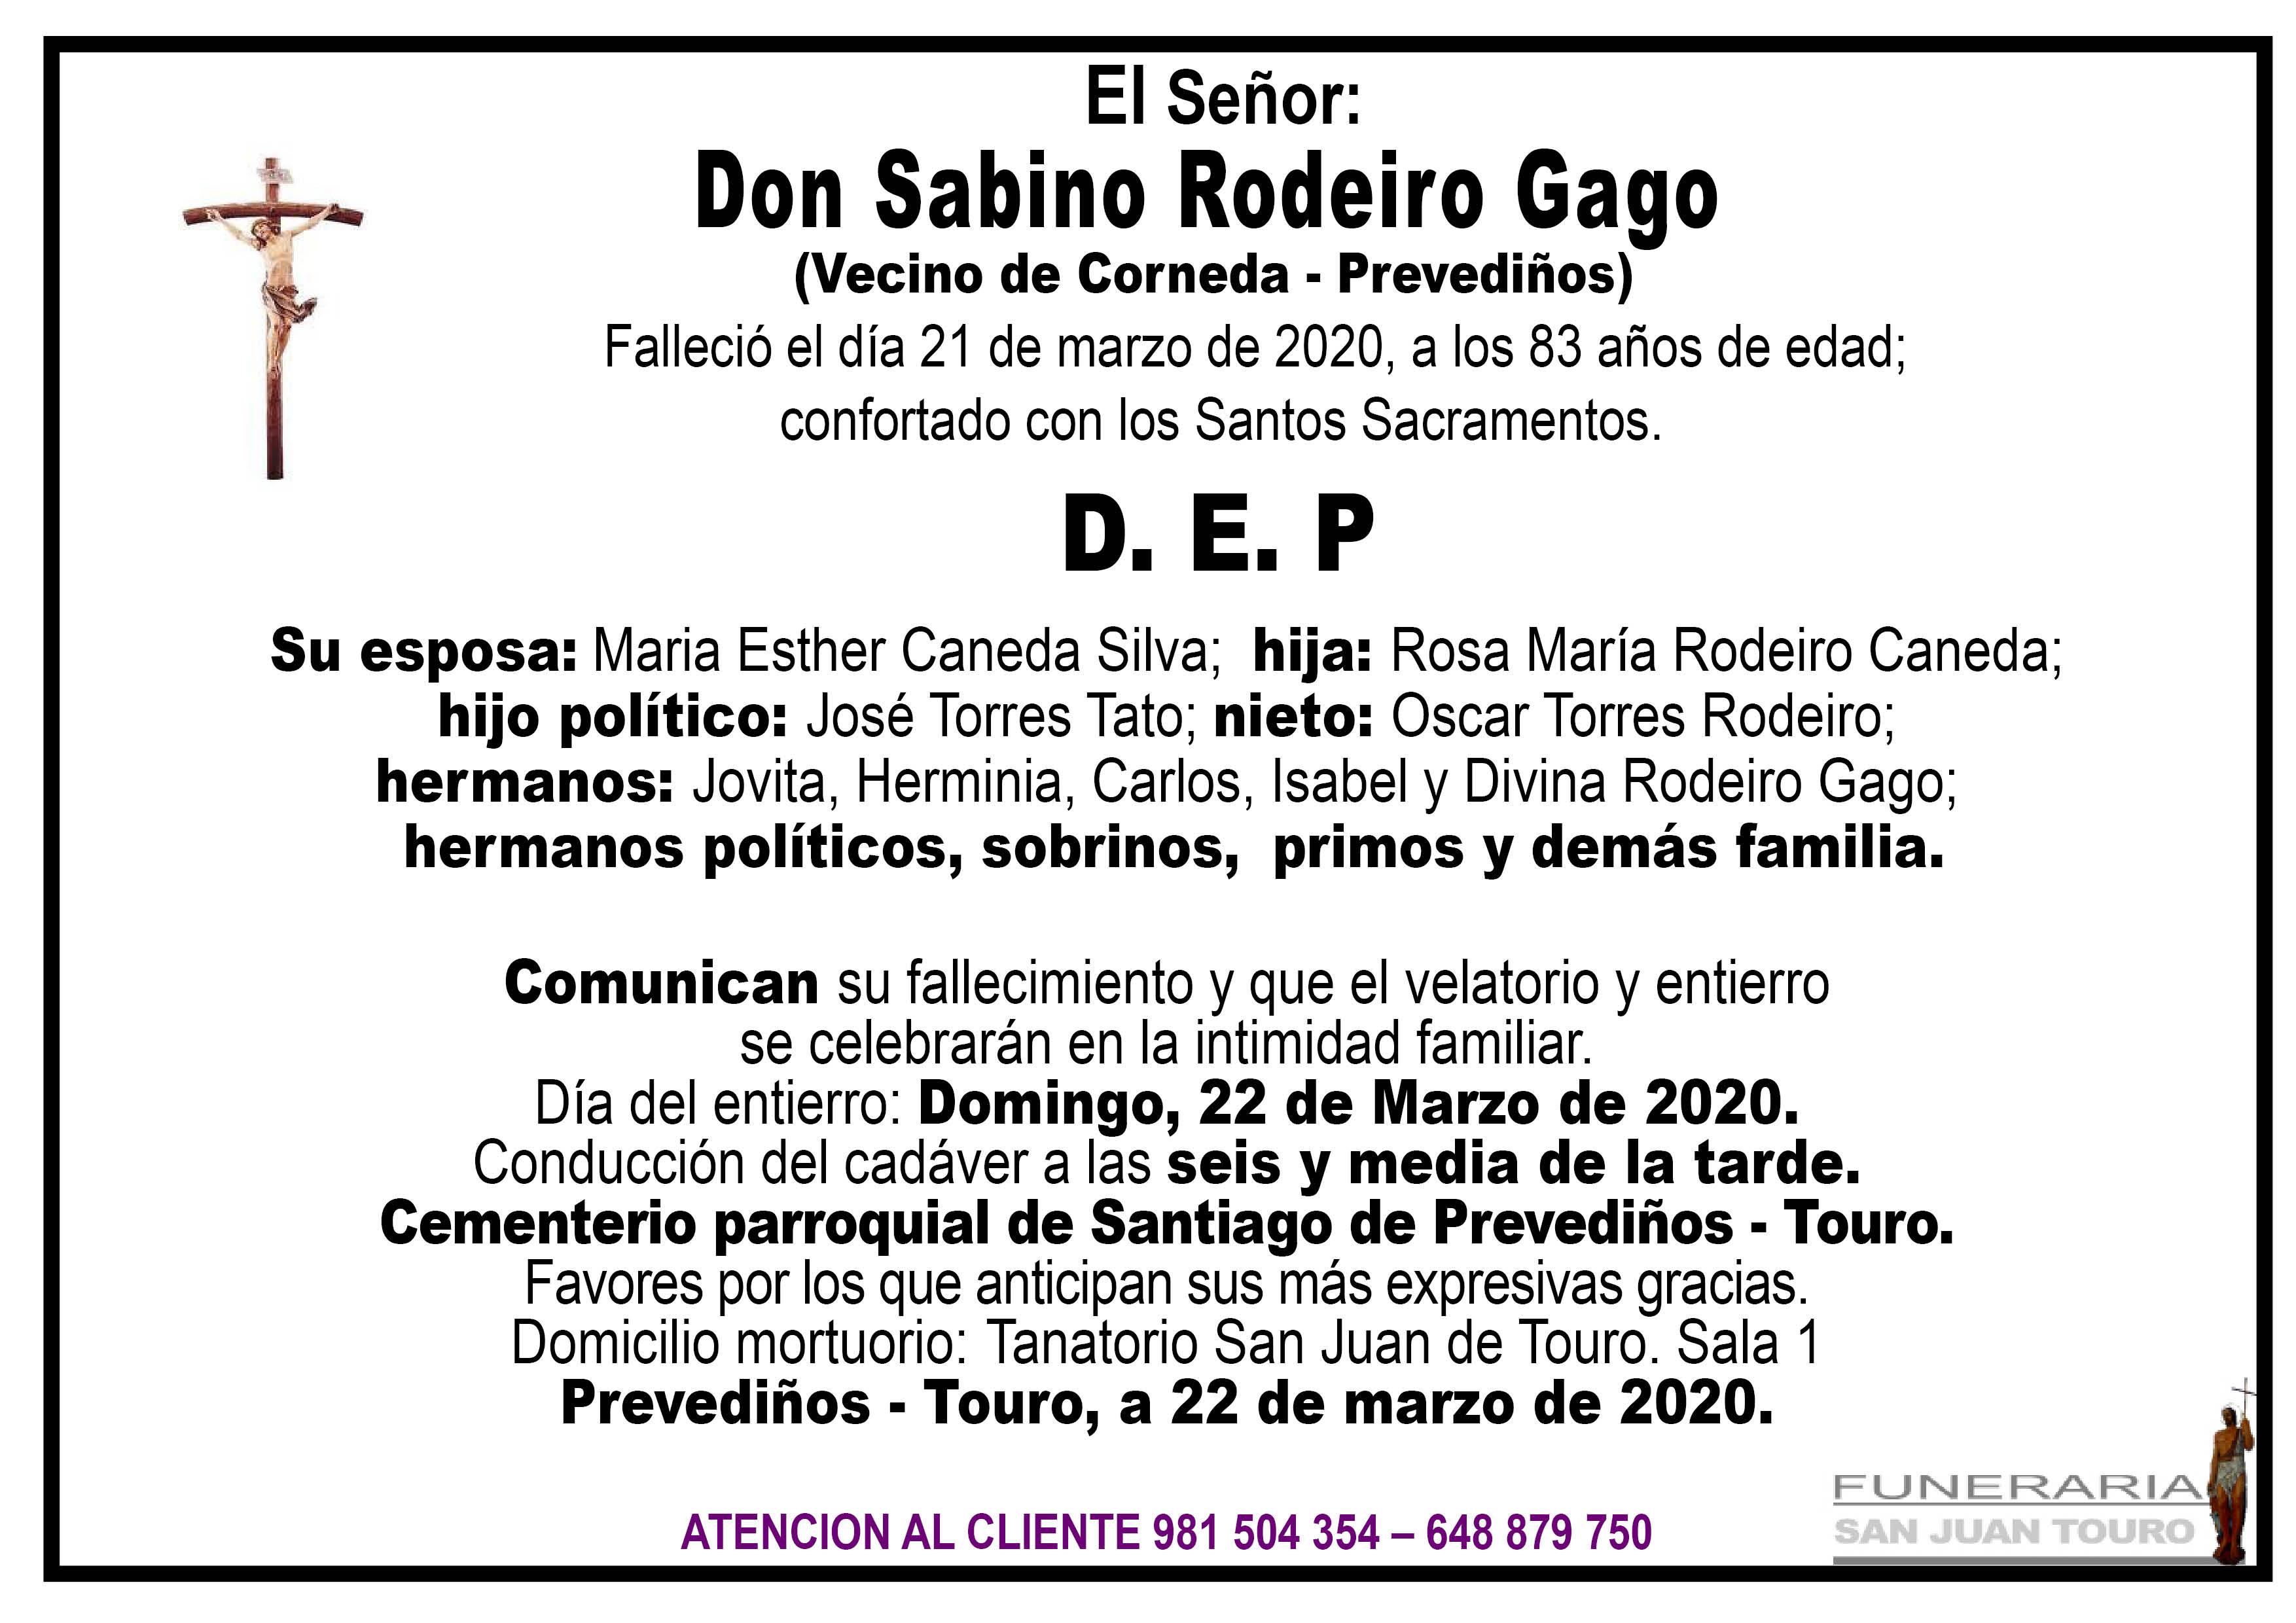 Esquela de SEPELIO DE DON SABINO RODEIRO GAGO